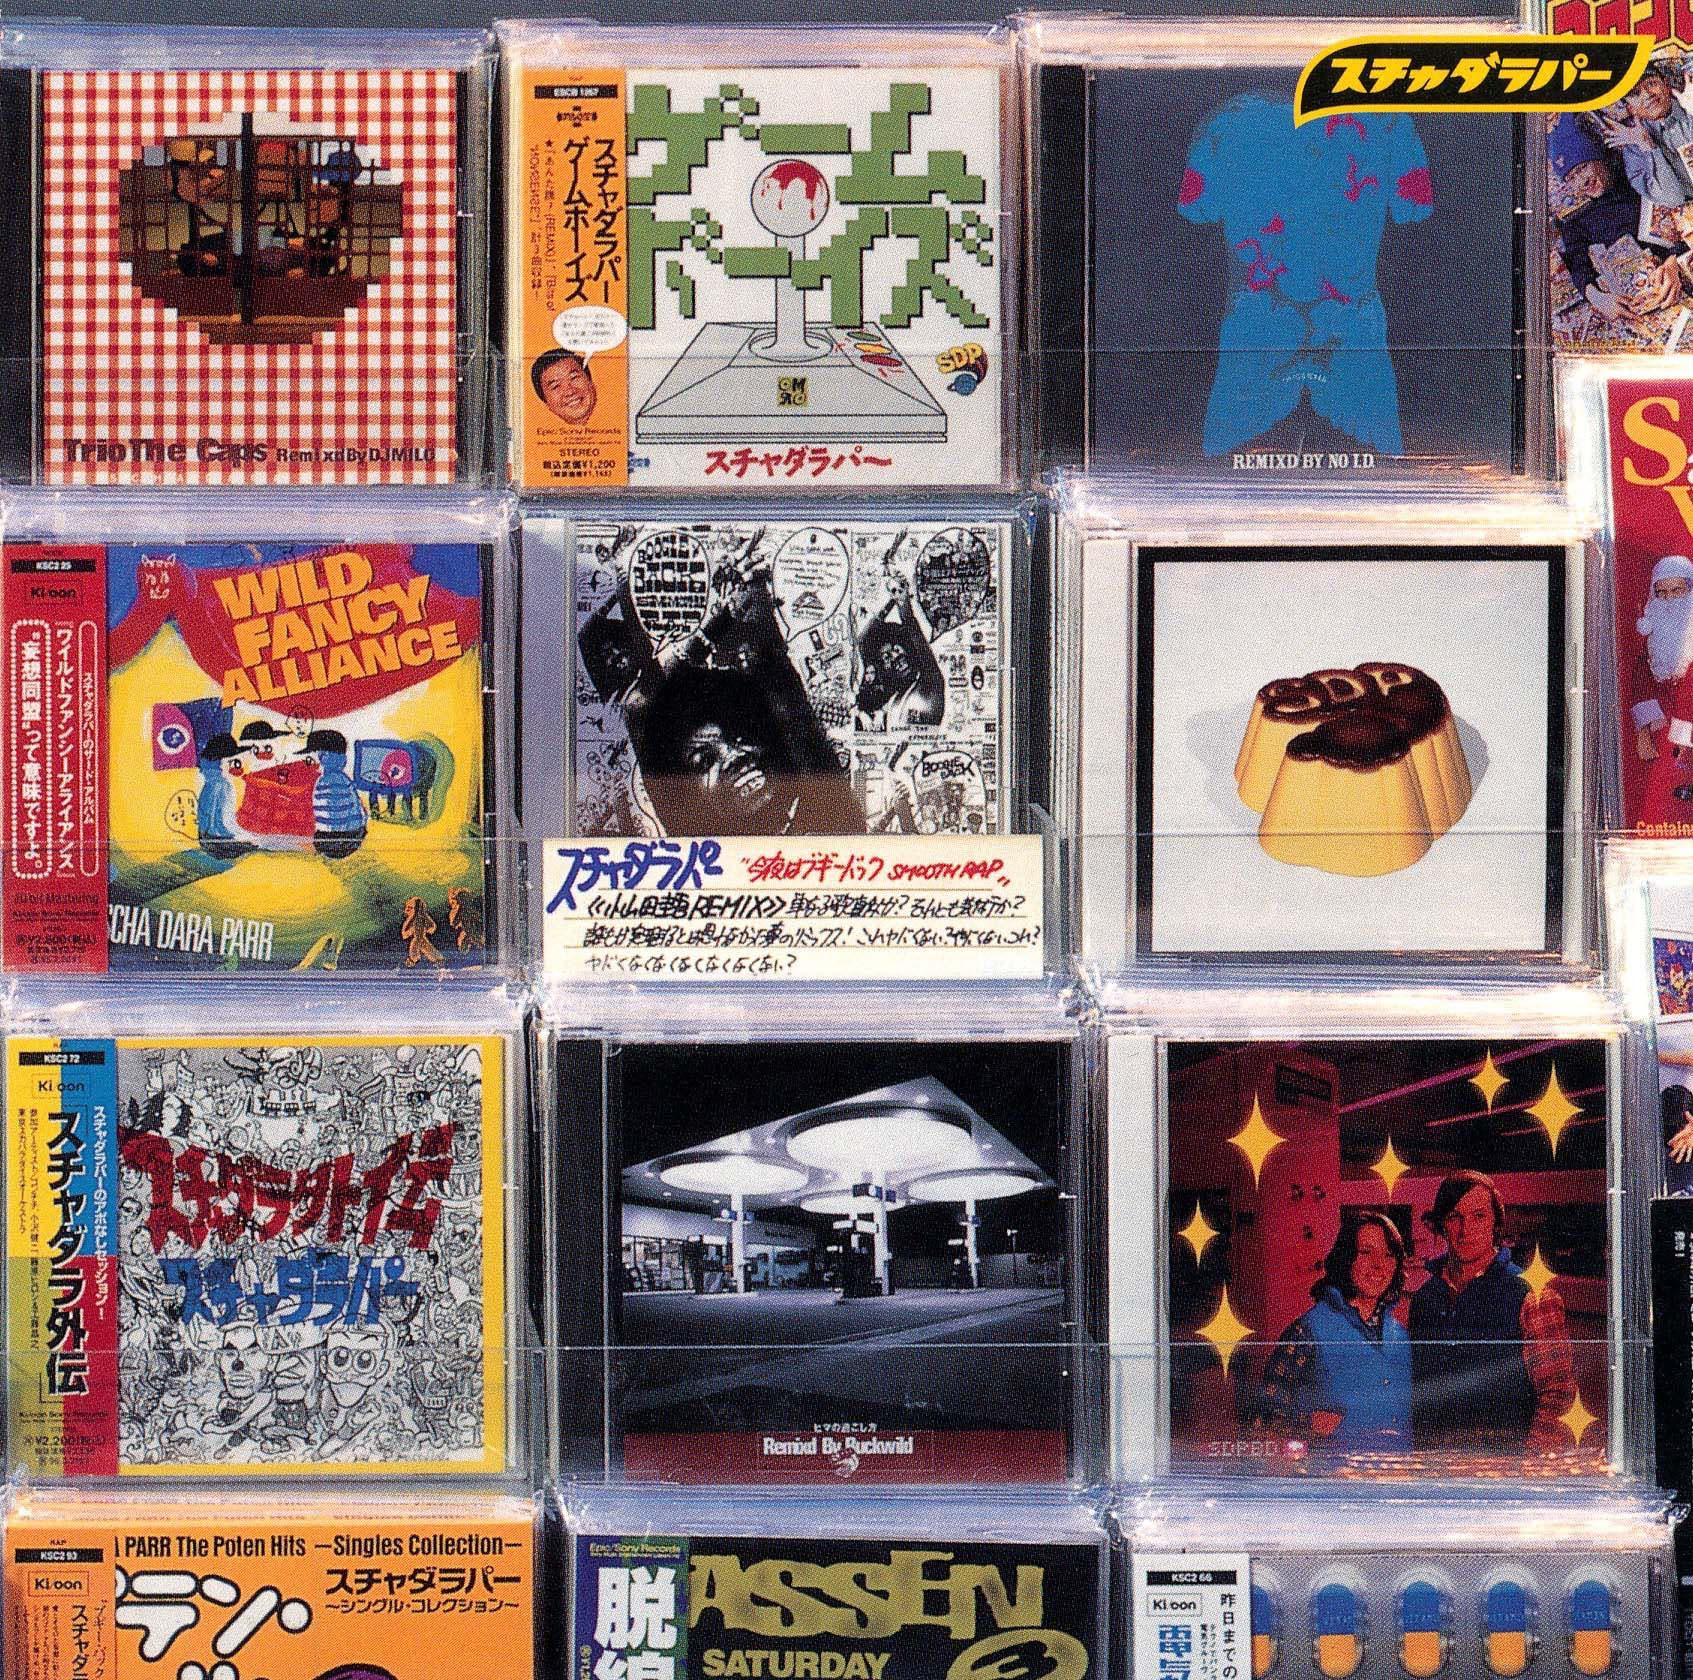 スチャダラパー アルバム『サイクル・ヒッツ〜リミックス・ベスト・コレクション〜 (Cycle Hits〜remix Best Collection〜)』(1995年12月1日発売) 高画質CDジャケット画像